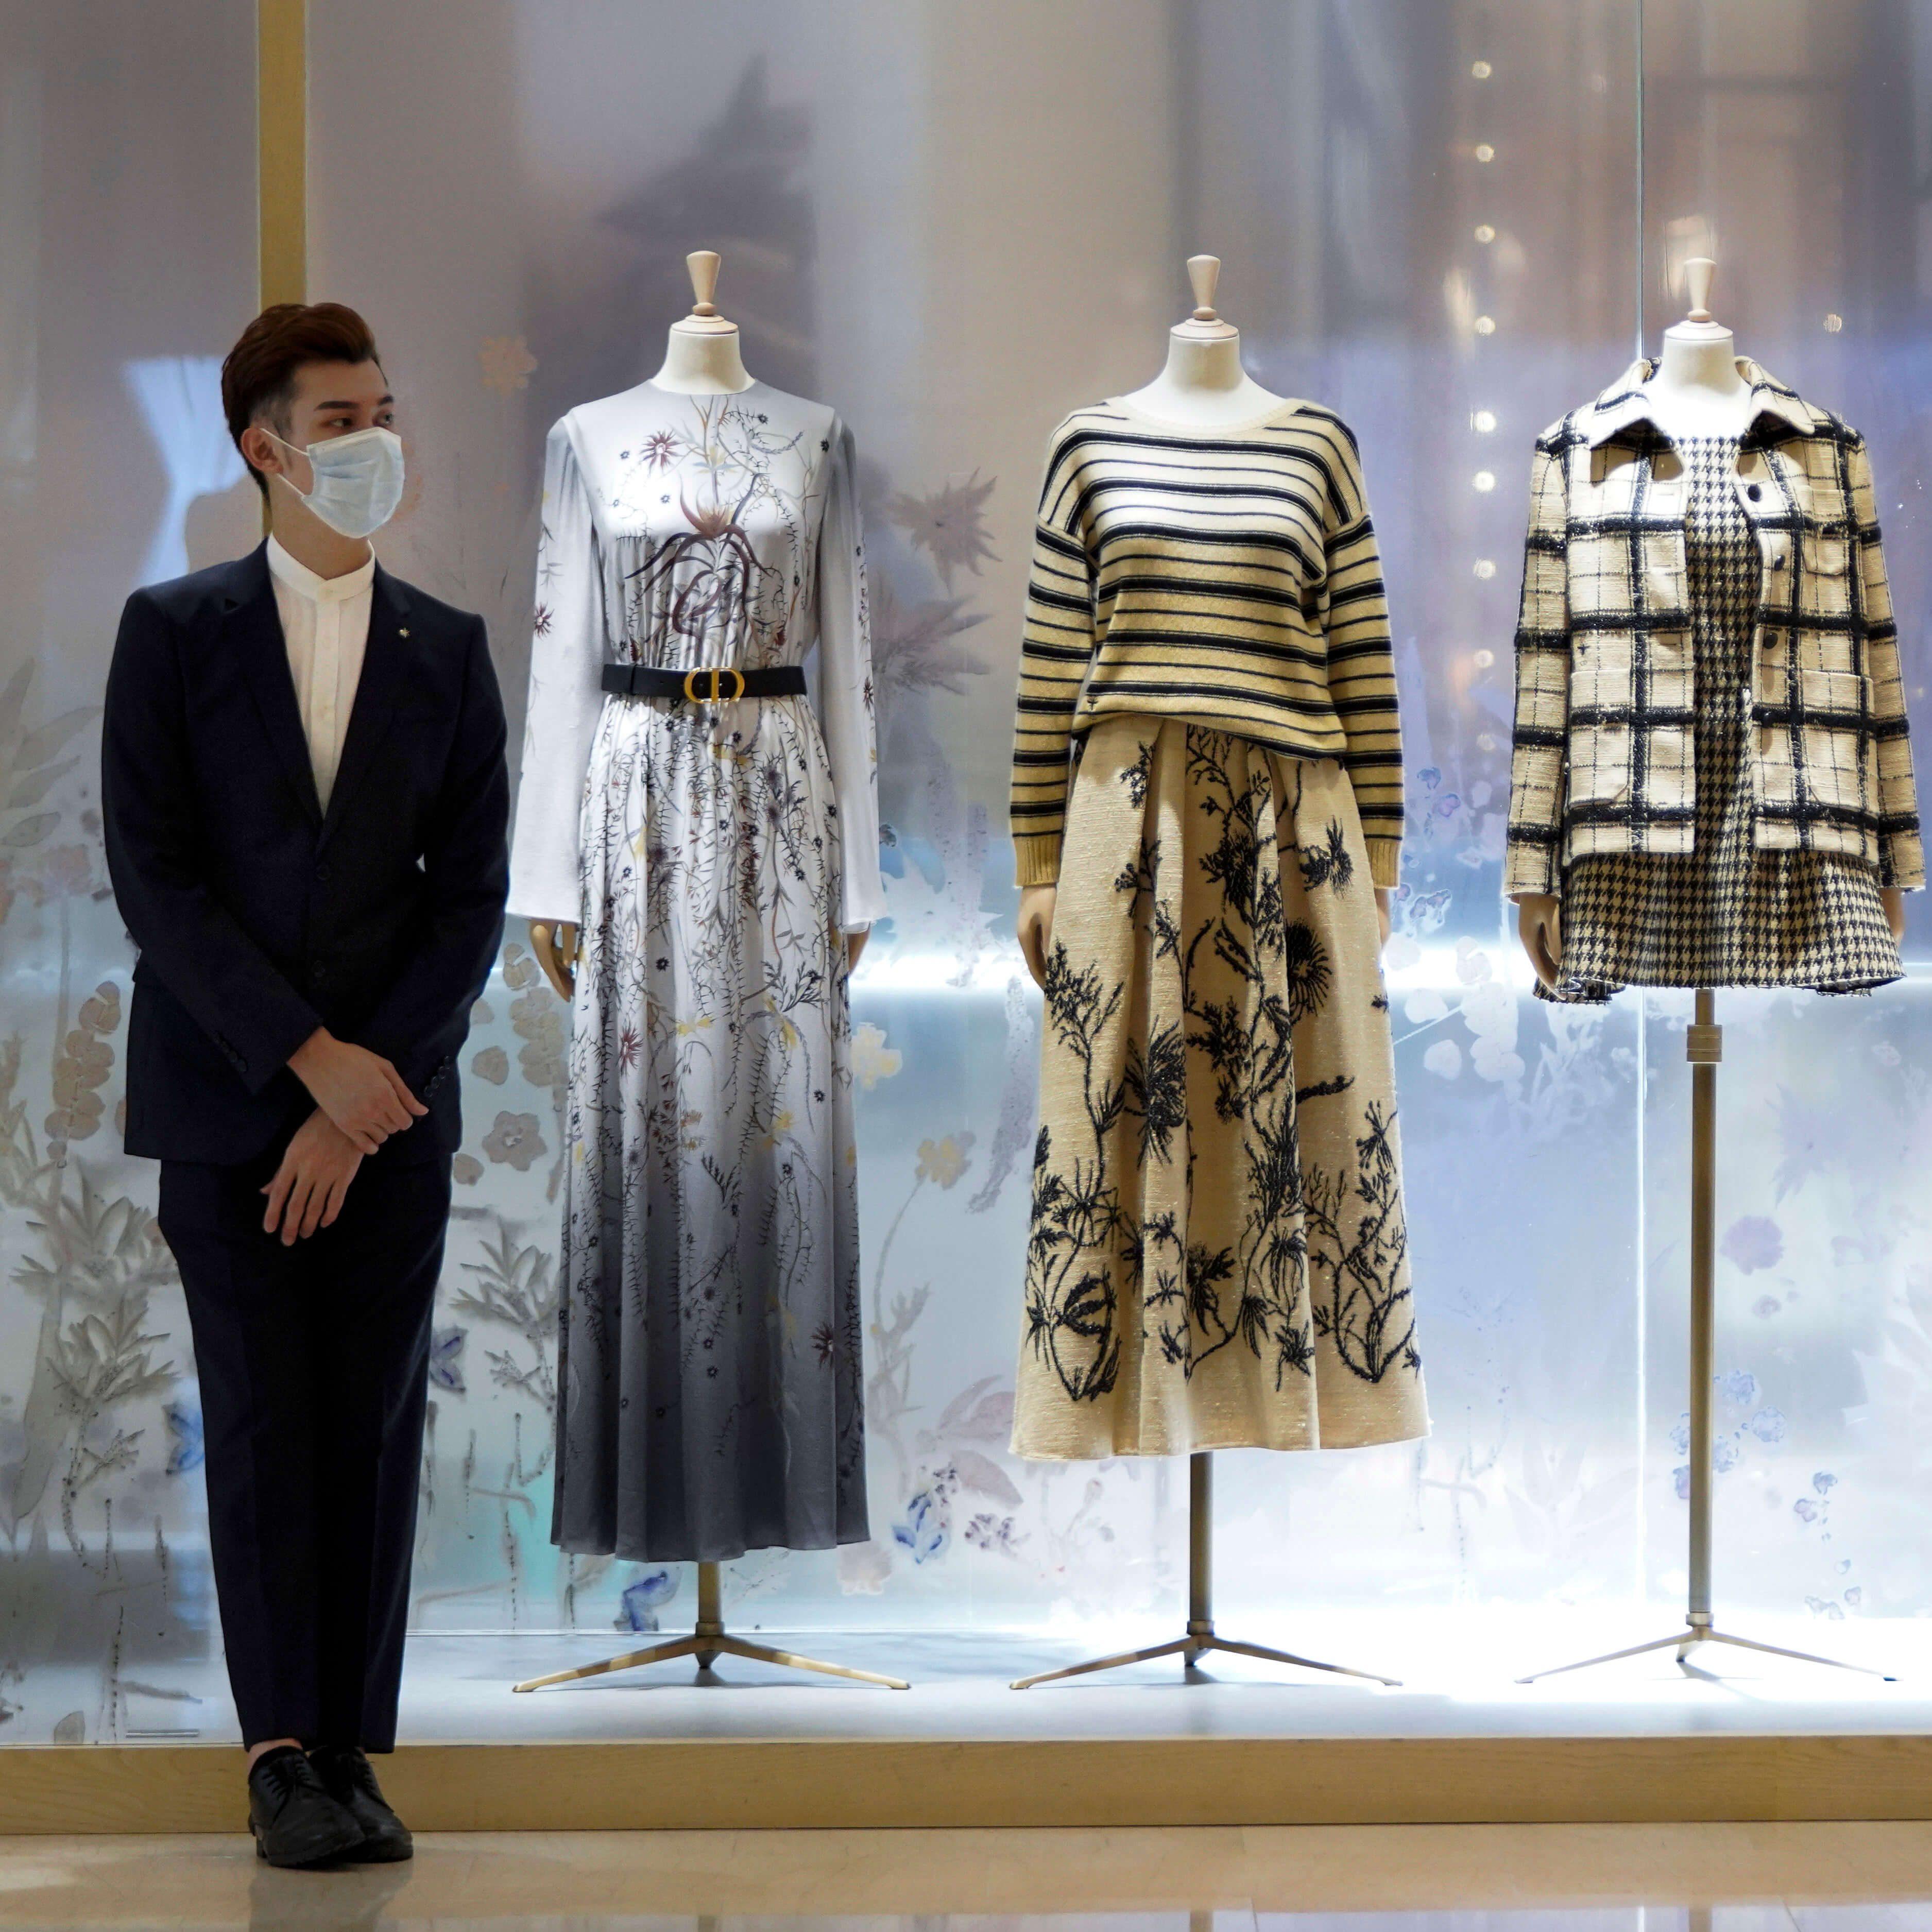 Air Closet Fashion at Home Covid-19.1